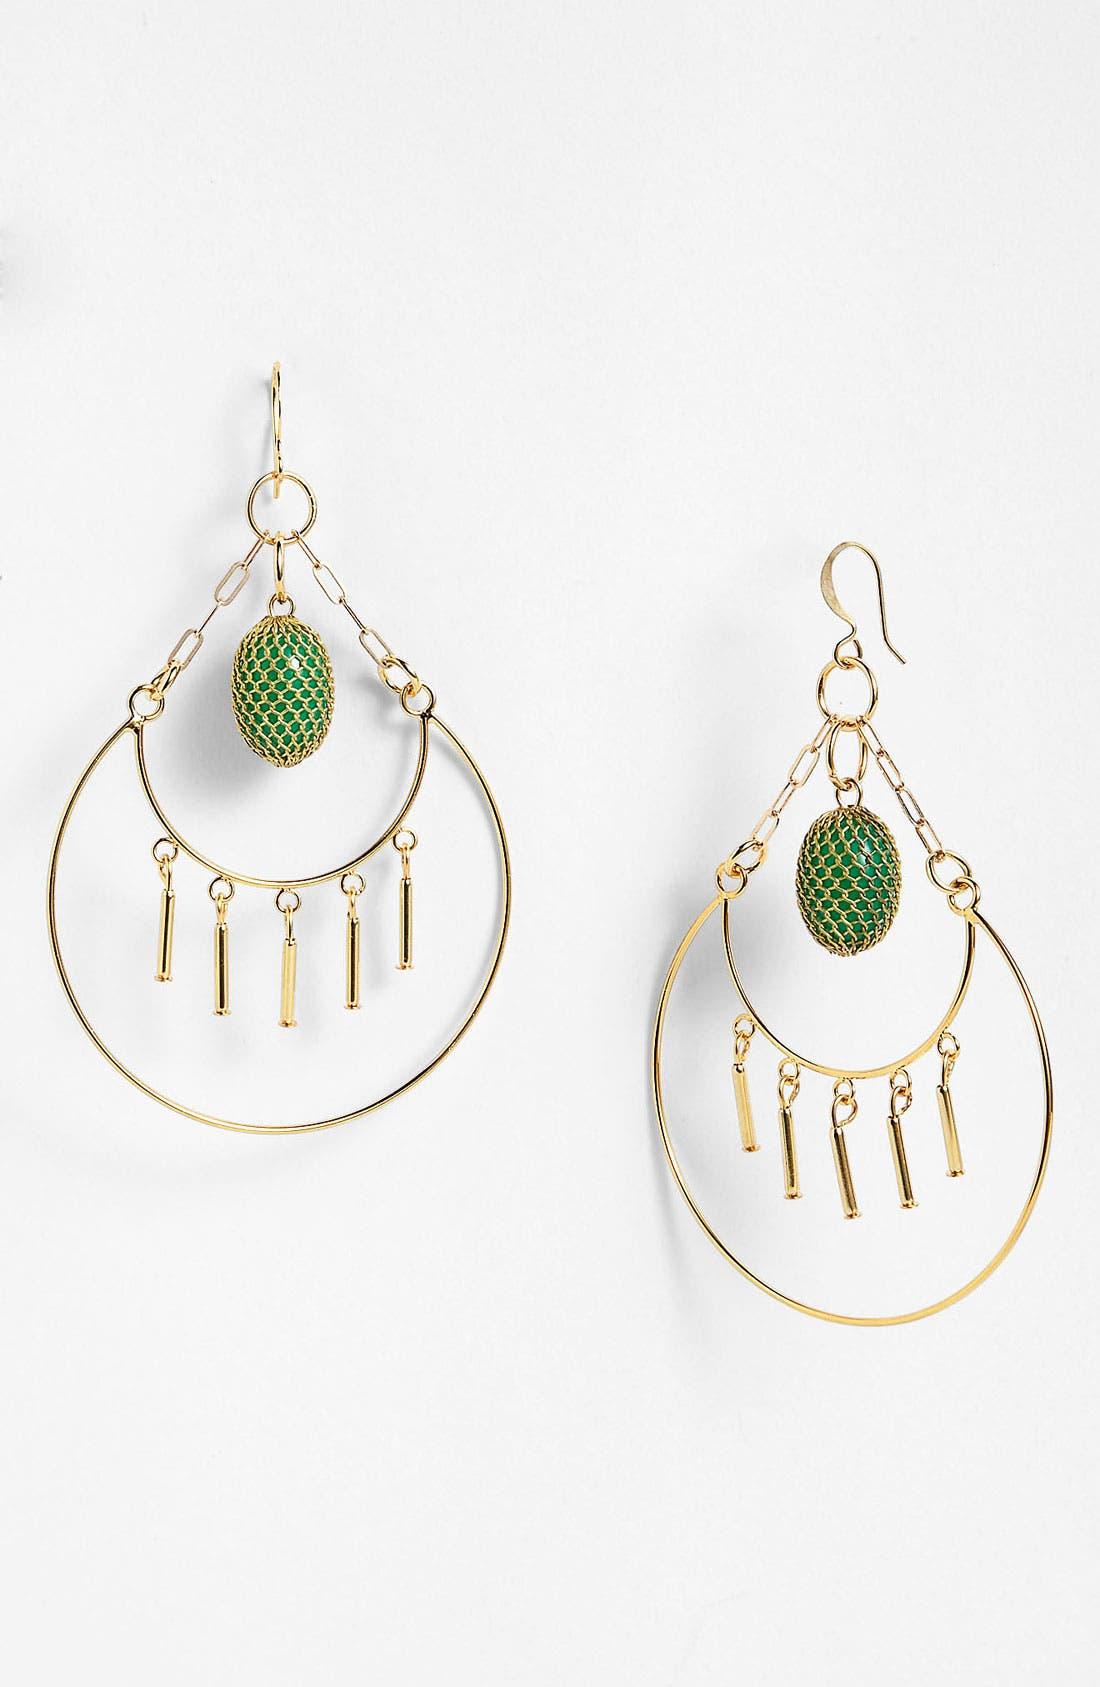 Alternate Image 1 Selected - Verdier Jewelry 'Green Mesh' Chandelier Earrings (Nordstrom Exclusive)